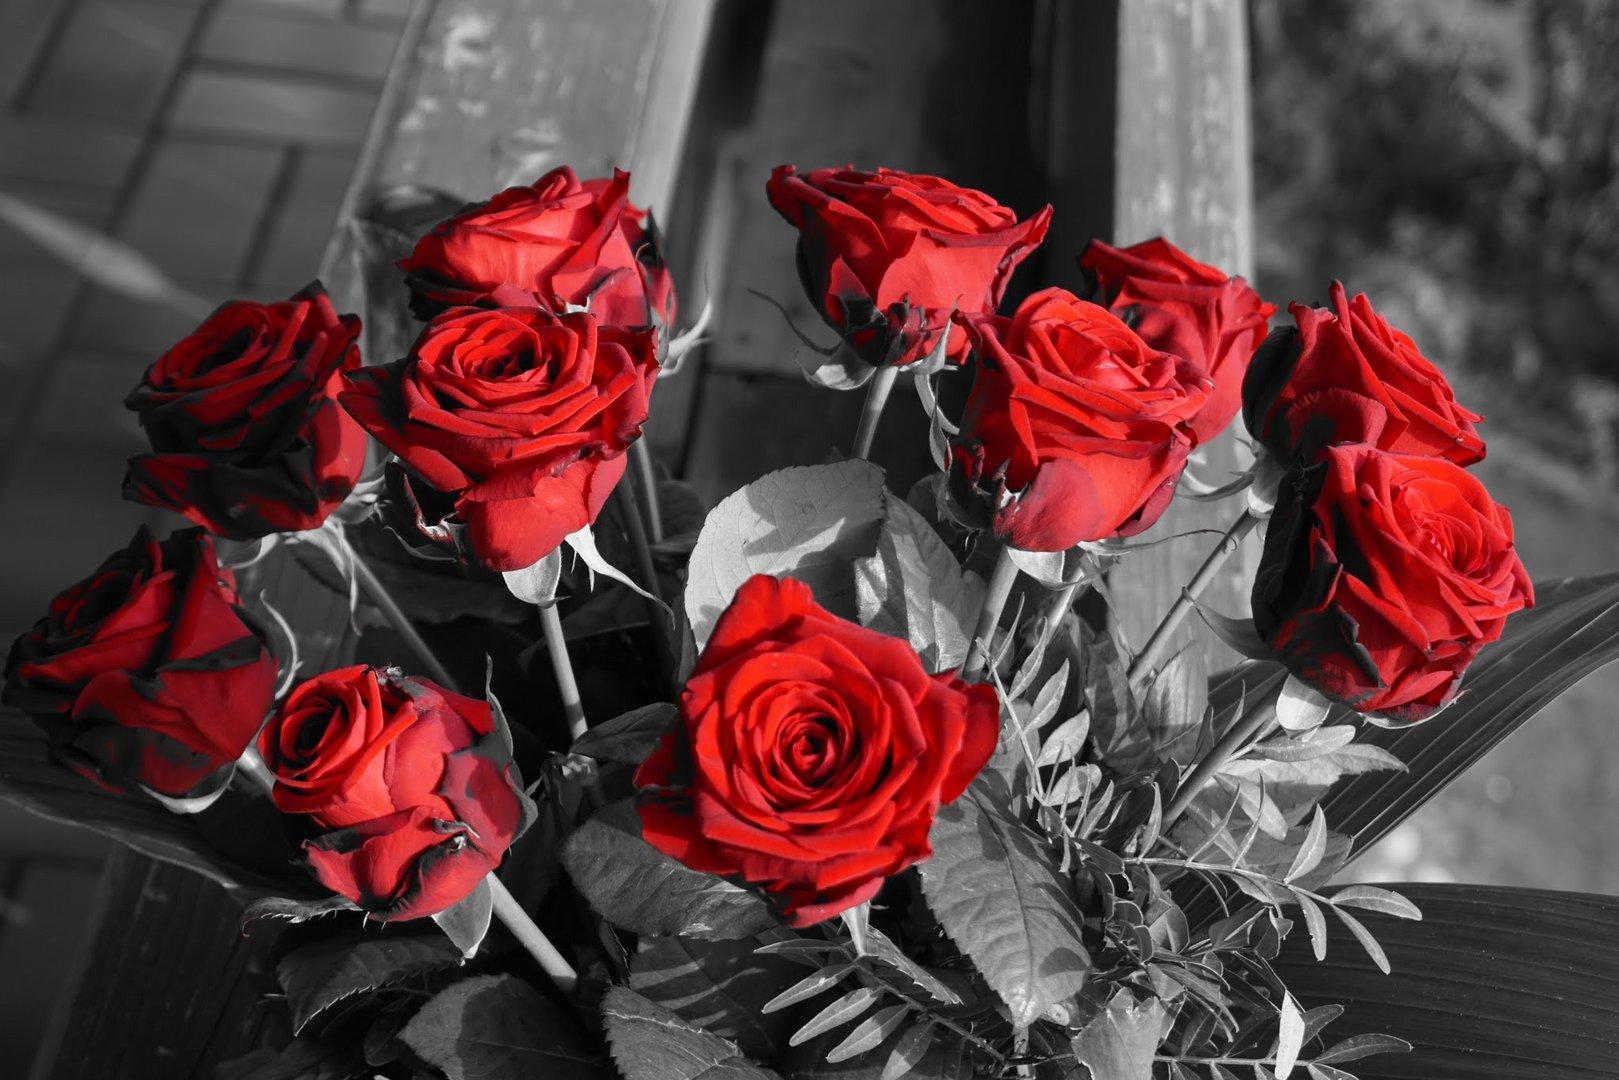 rote rosen im schwarz wei foto bild schwarz rose rote bilder auf fotocommunity. Black Bedroom Furniture Sets. Home Design Ideas